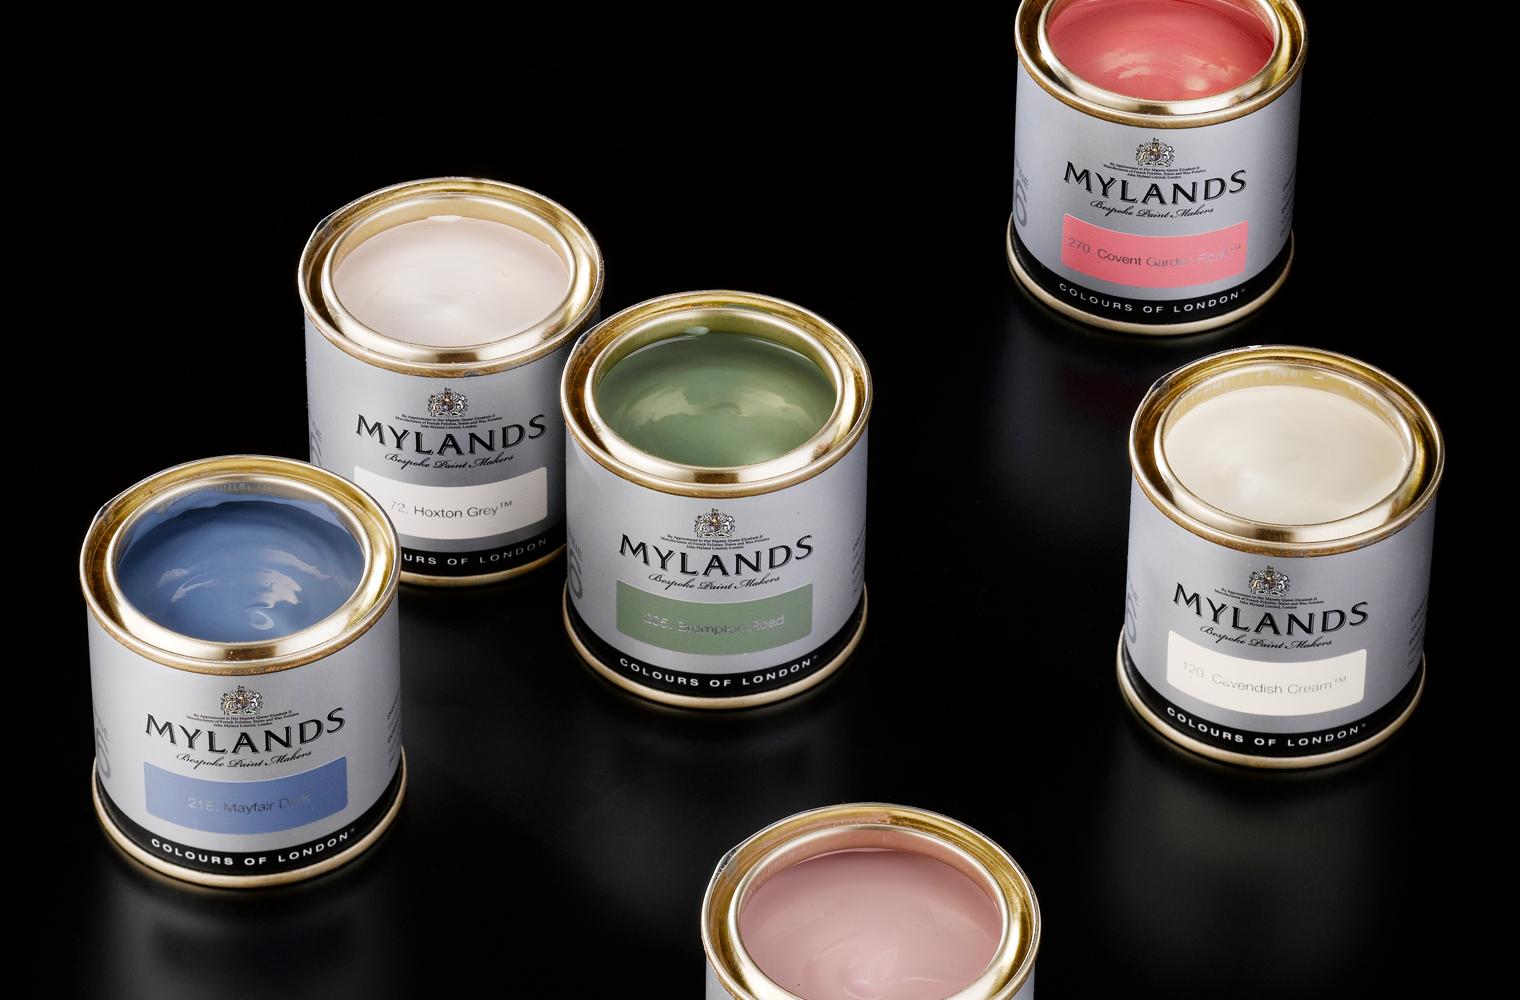 Mylands sample tins